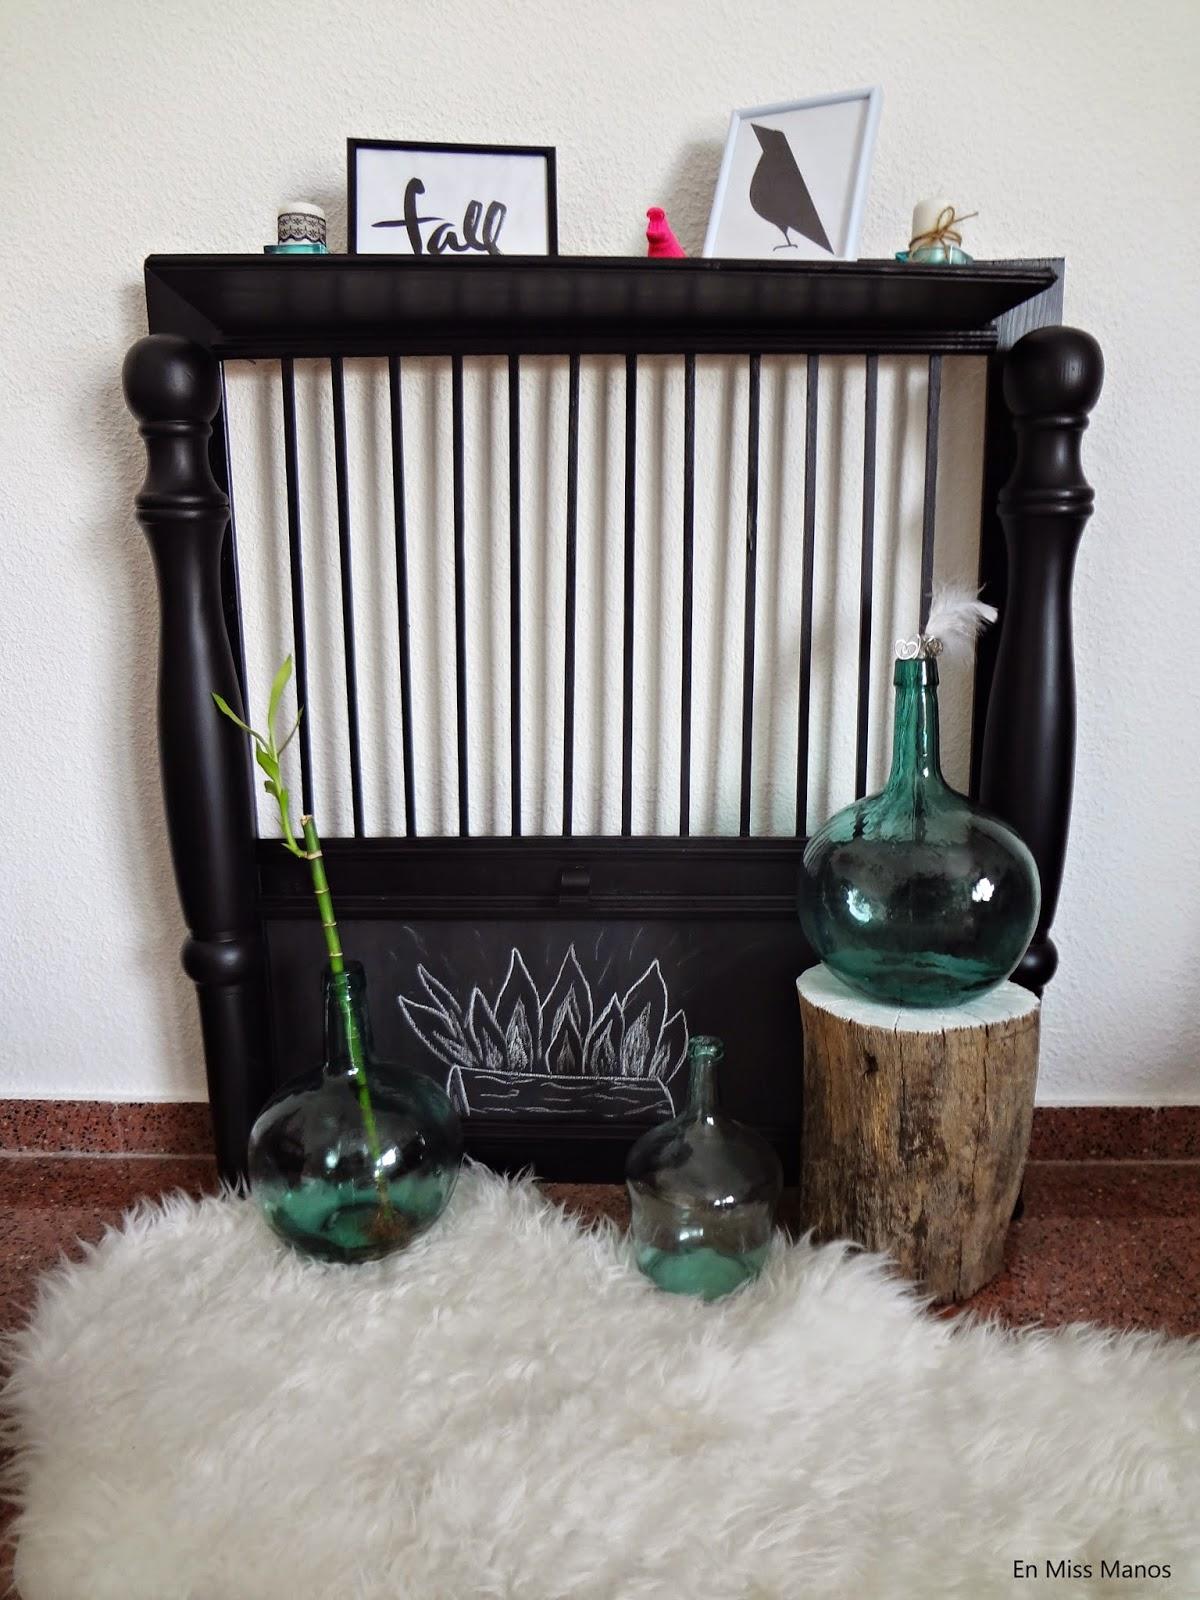 En Miss Manos Chimeneas decorativas DIY